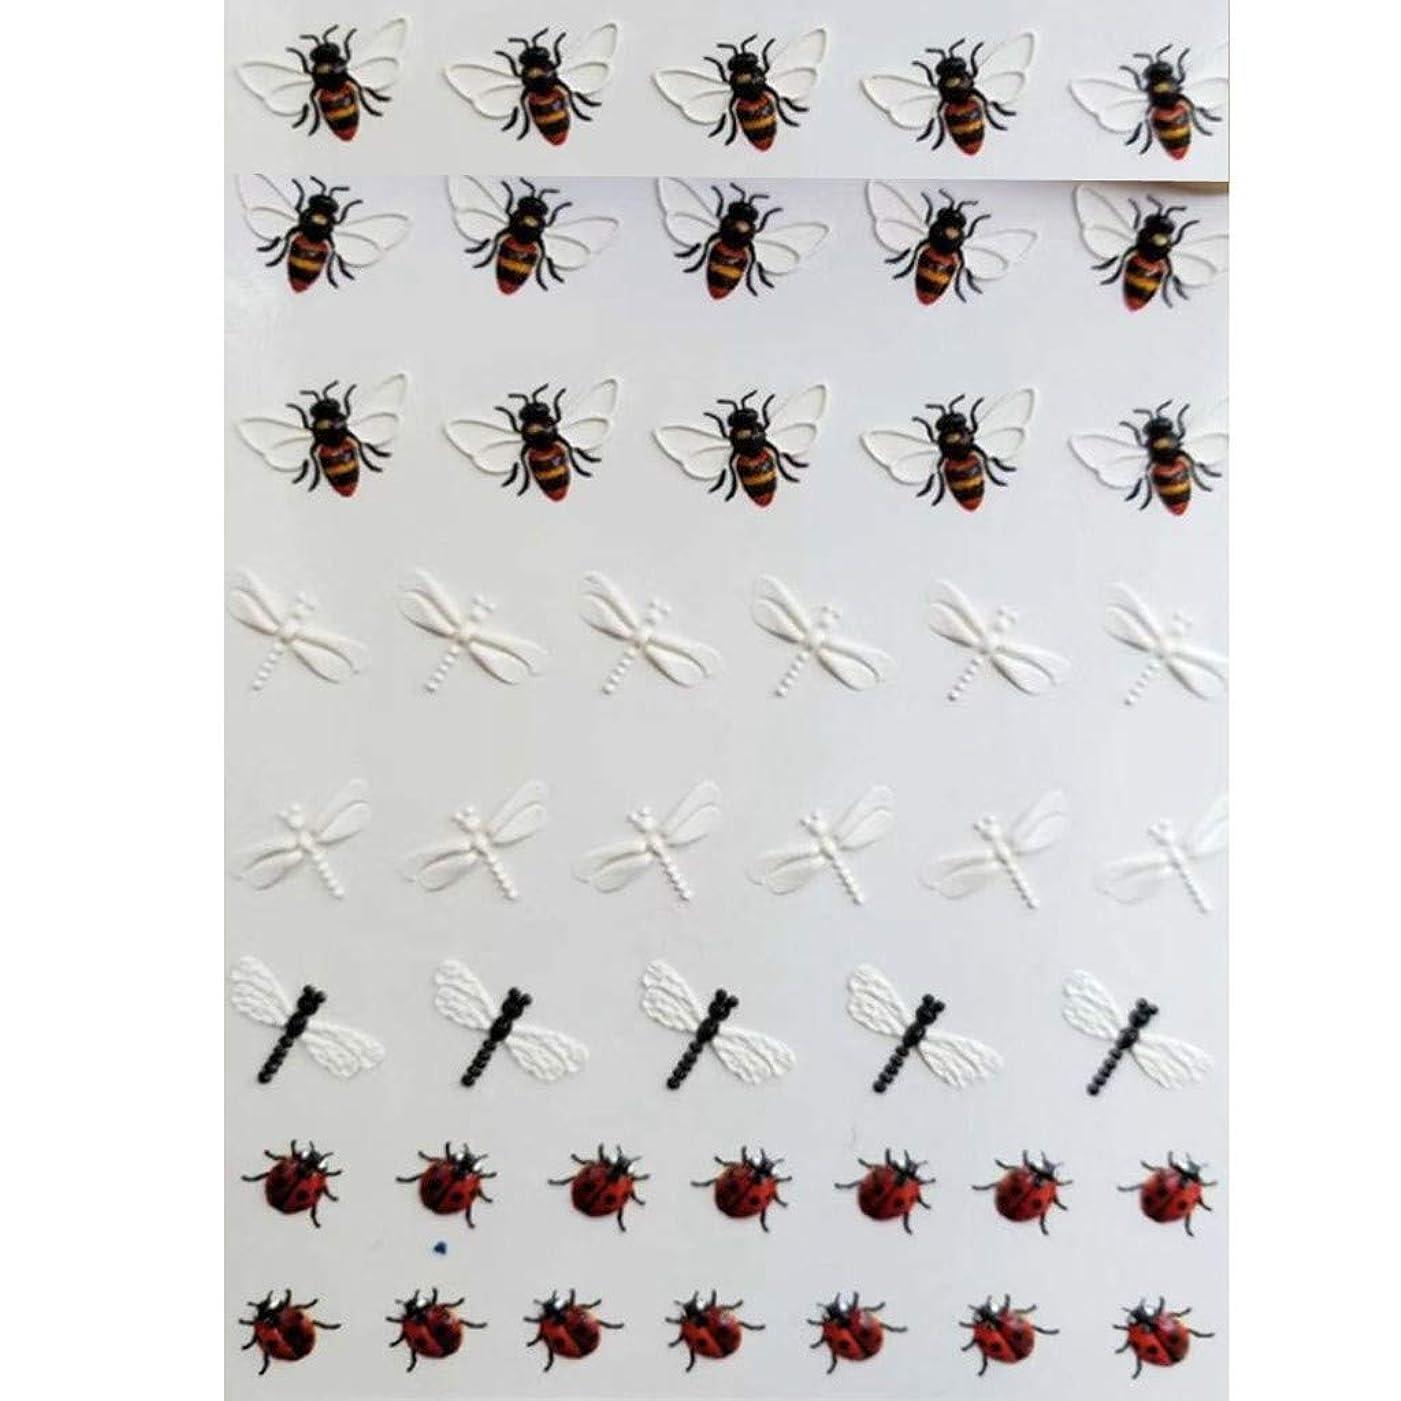 収束する遺棄されたゴールドネイルステッカーパターン装飾デカール,1ピース6d刻まれた花アクリルネイルステッカーネイルステッカーエンボスフラワーウォーター, Uamaze ビューティー ネイル ネイル道具 ケアツール ネイルデザイン ネイルアートツール メイク道具 ネイルアートパーツ マニキュア,長持ち、使いやすい、水性、無害、環境にやさしい